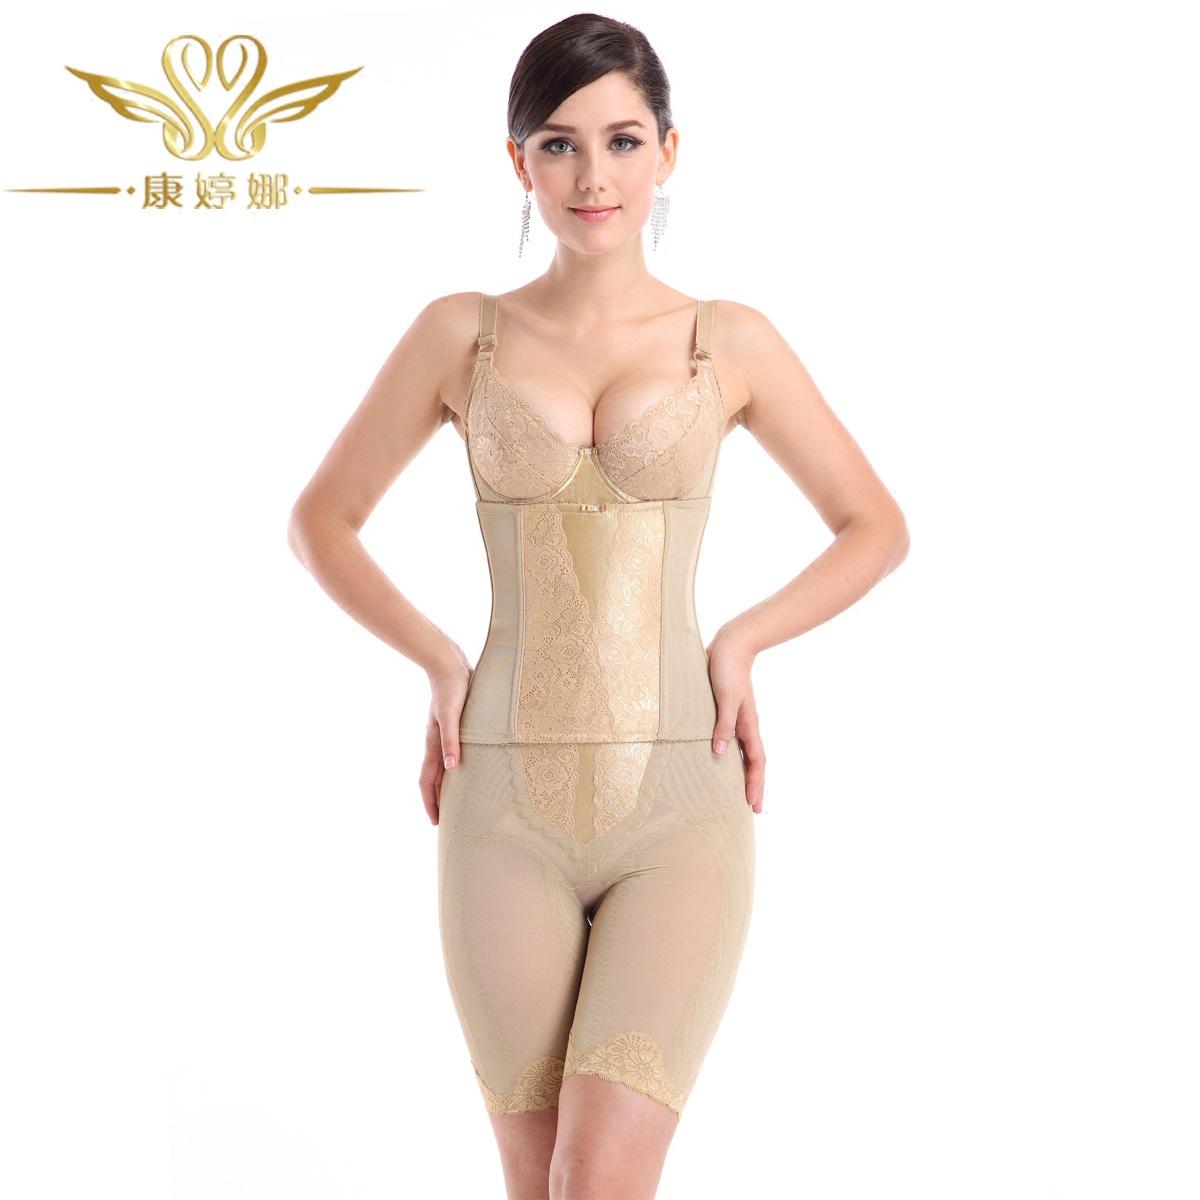 康婷娜 美容院身材管理器 塑身美体内衣 产后束身模具 皇室风范